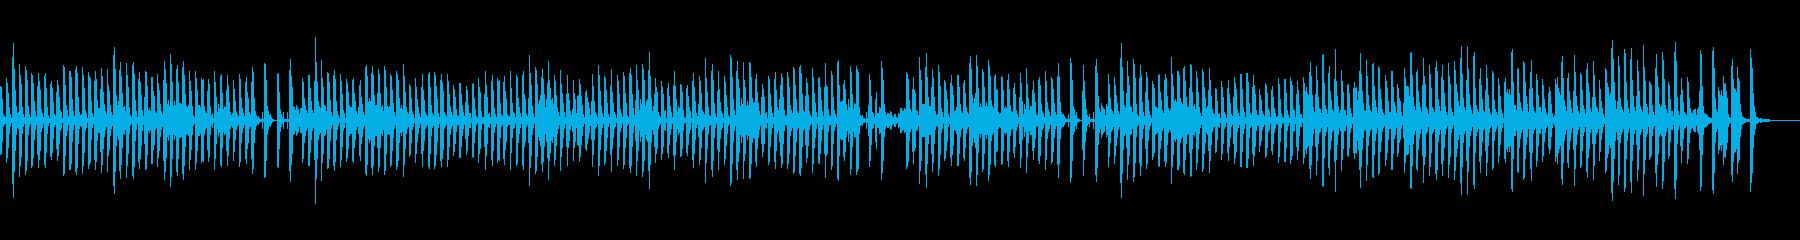 ほのぼの可愛い日常曲/ピアノ/鉄琴の再生済みの波形